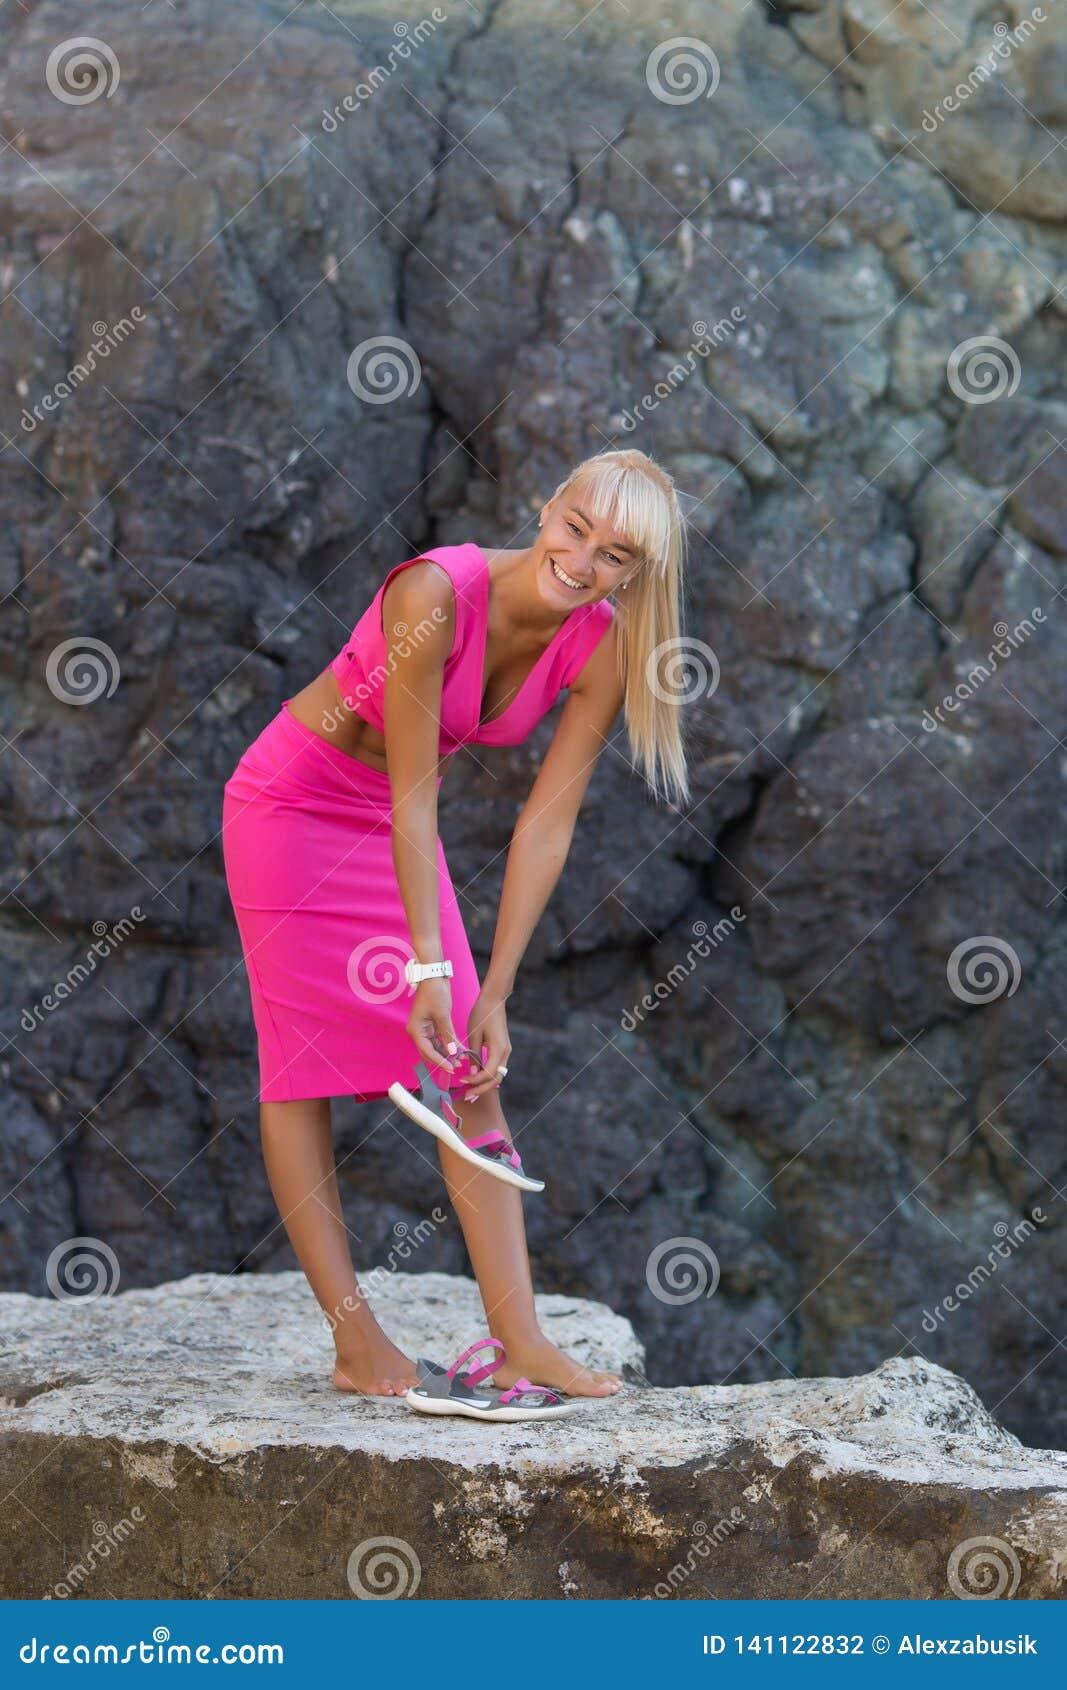 休息在狂放的岩石海滨偏僻的地方的被晒黑的金发女性